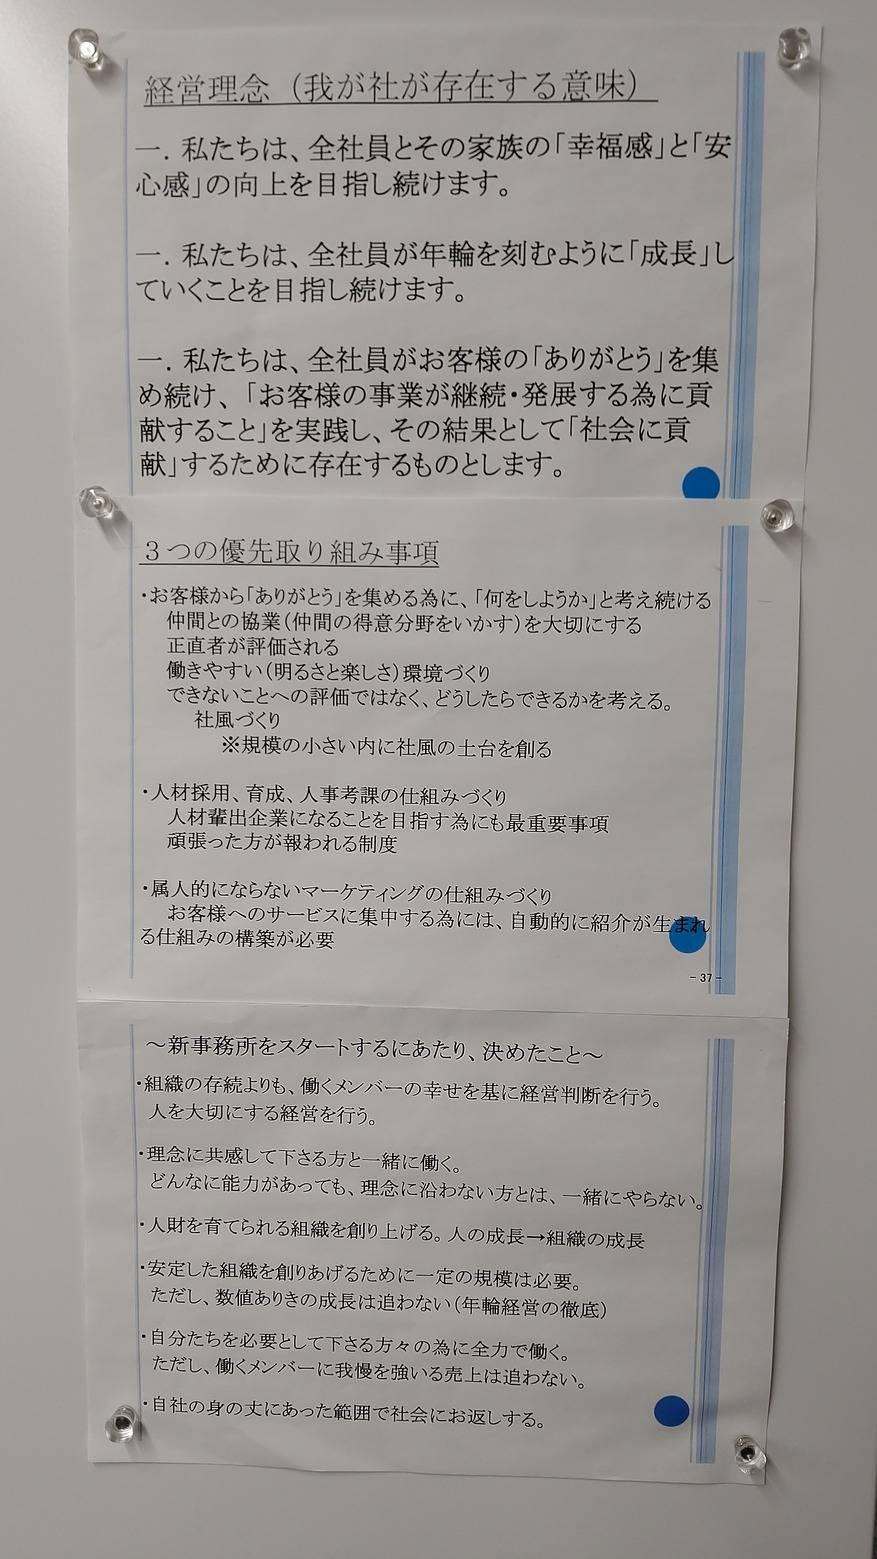 辻本聡税理士事務所